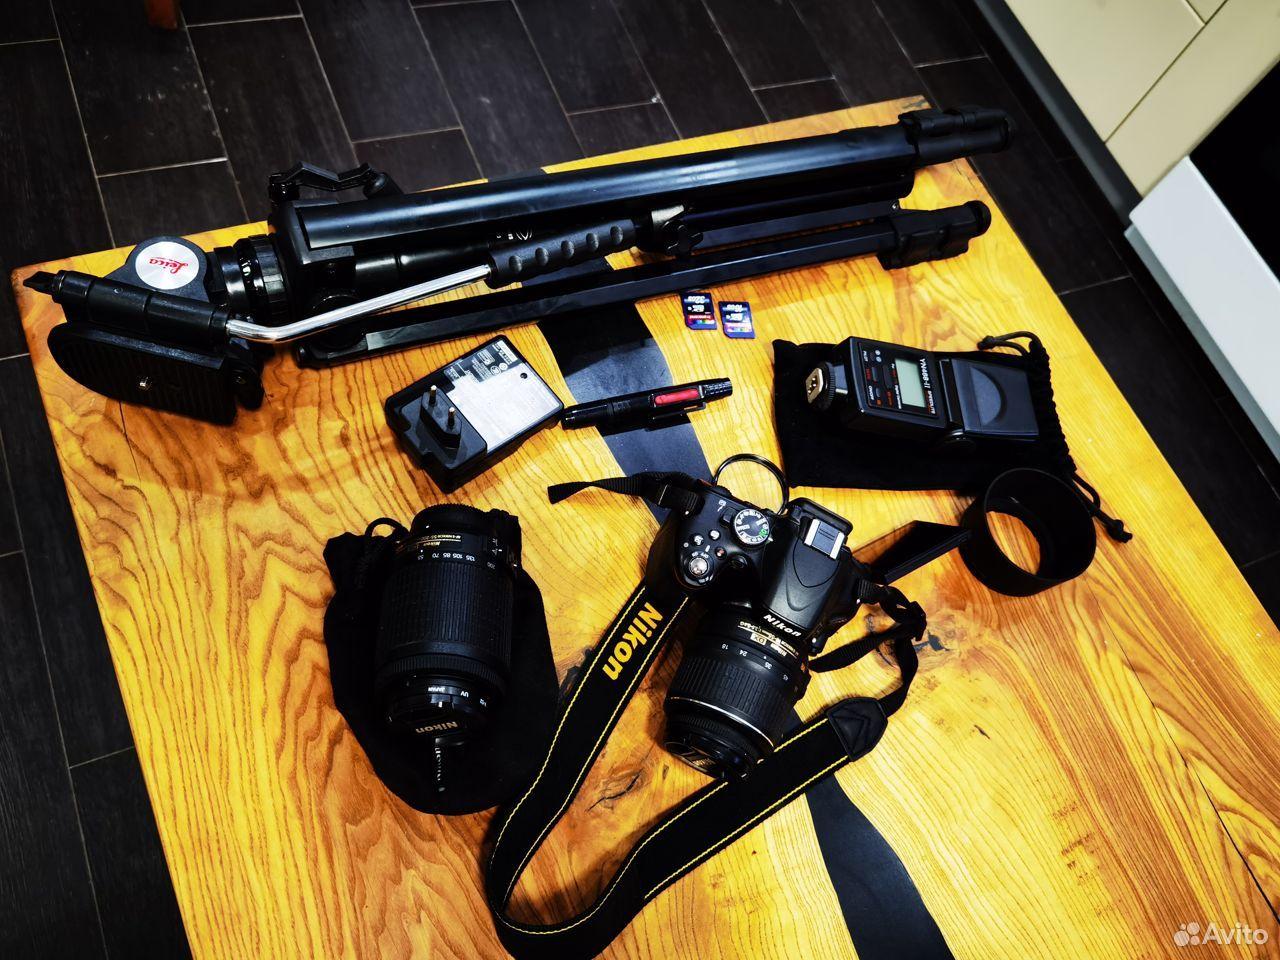 Зеркальный фотоаппарат Nikon D5100 Dauble VR Обмен  89185656006 купить 1